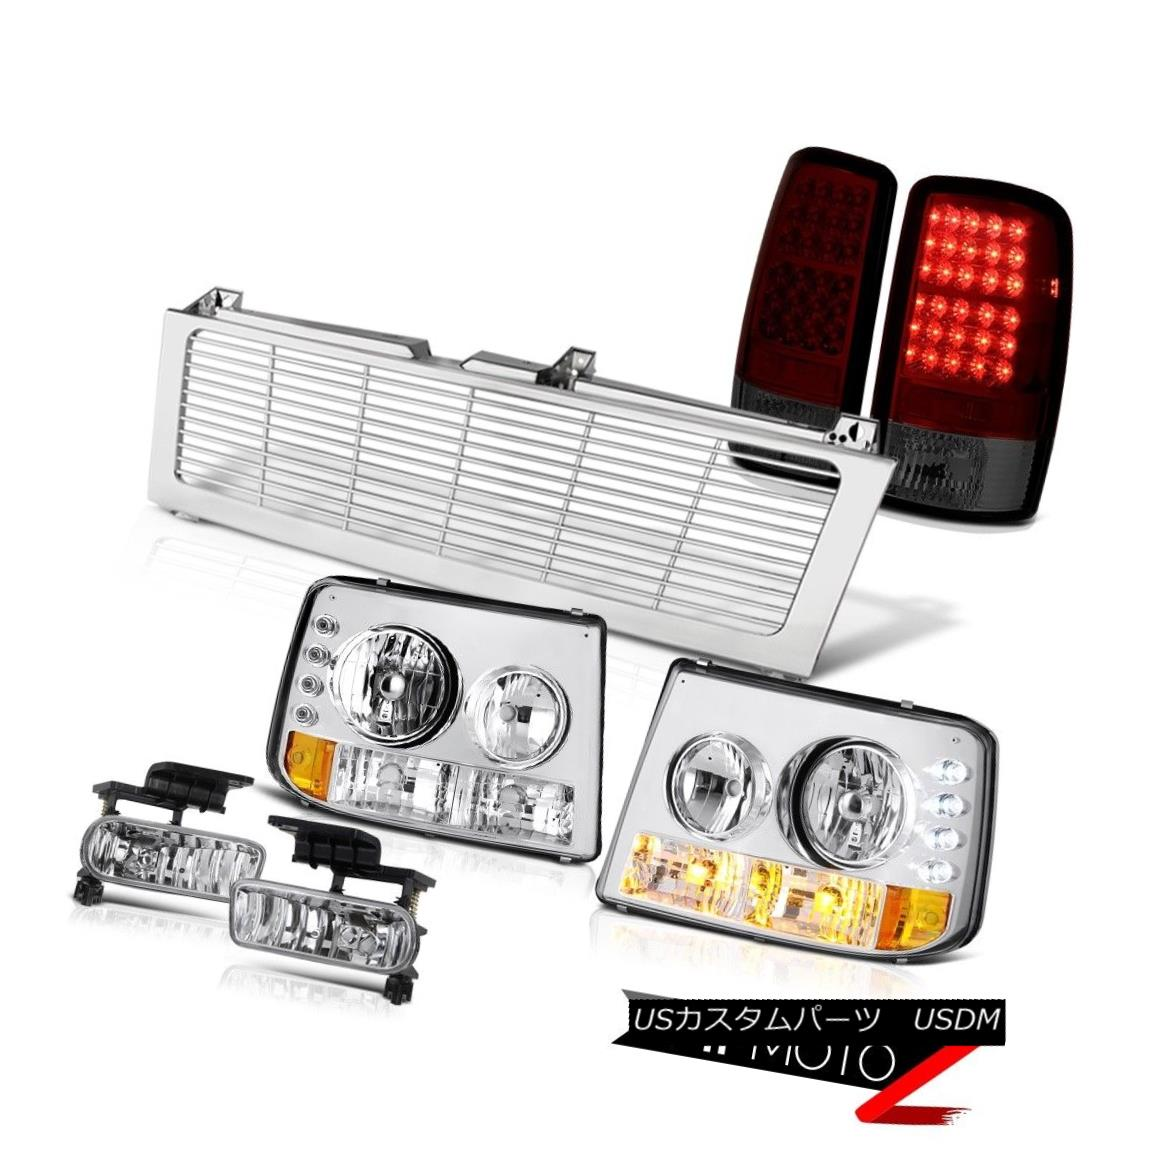 テールライト 00 01 02 03 04 05 06 Tahoe Z71 Crystal Headlight LED Taillight Chrome Fog Grille 00 01 02 03 04 05 06タホZ71クリスタルヘッドライトLEDテールライトクロームフォググリル